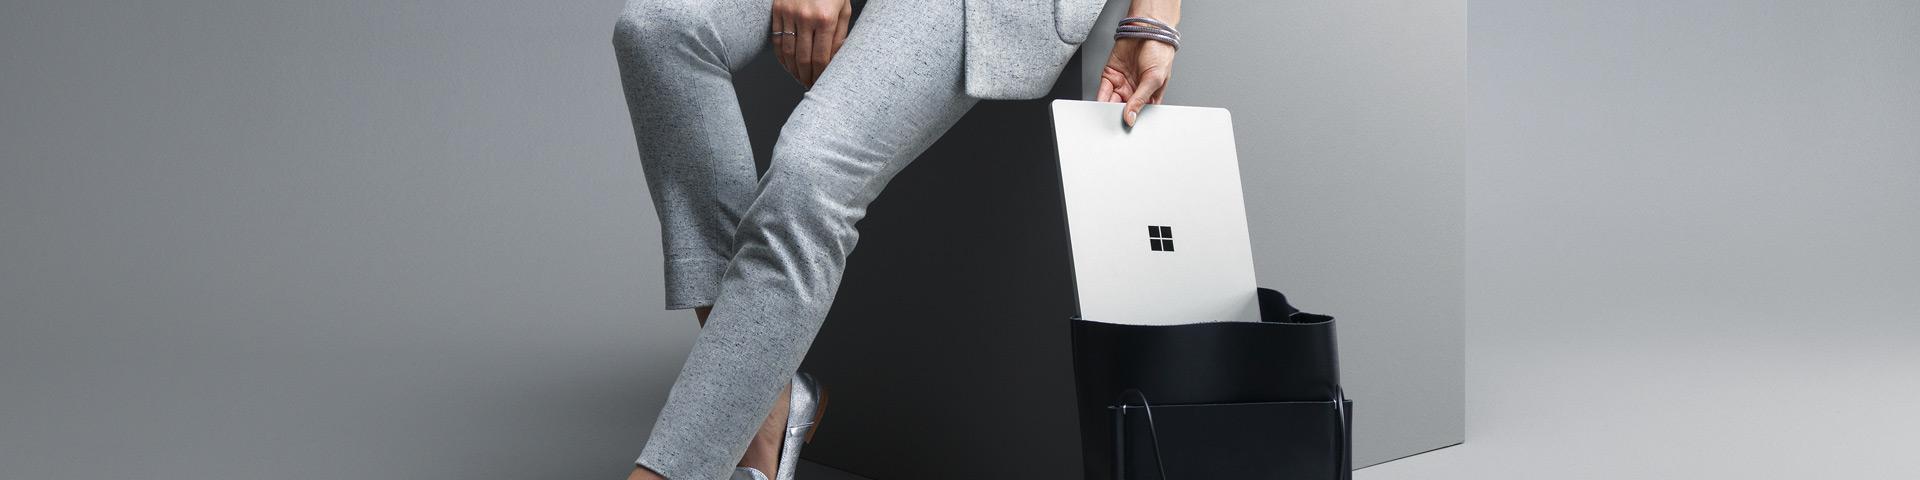 Frau schiebt einen Surface Laptop in ihre Tasche.